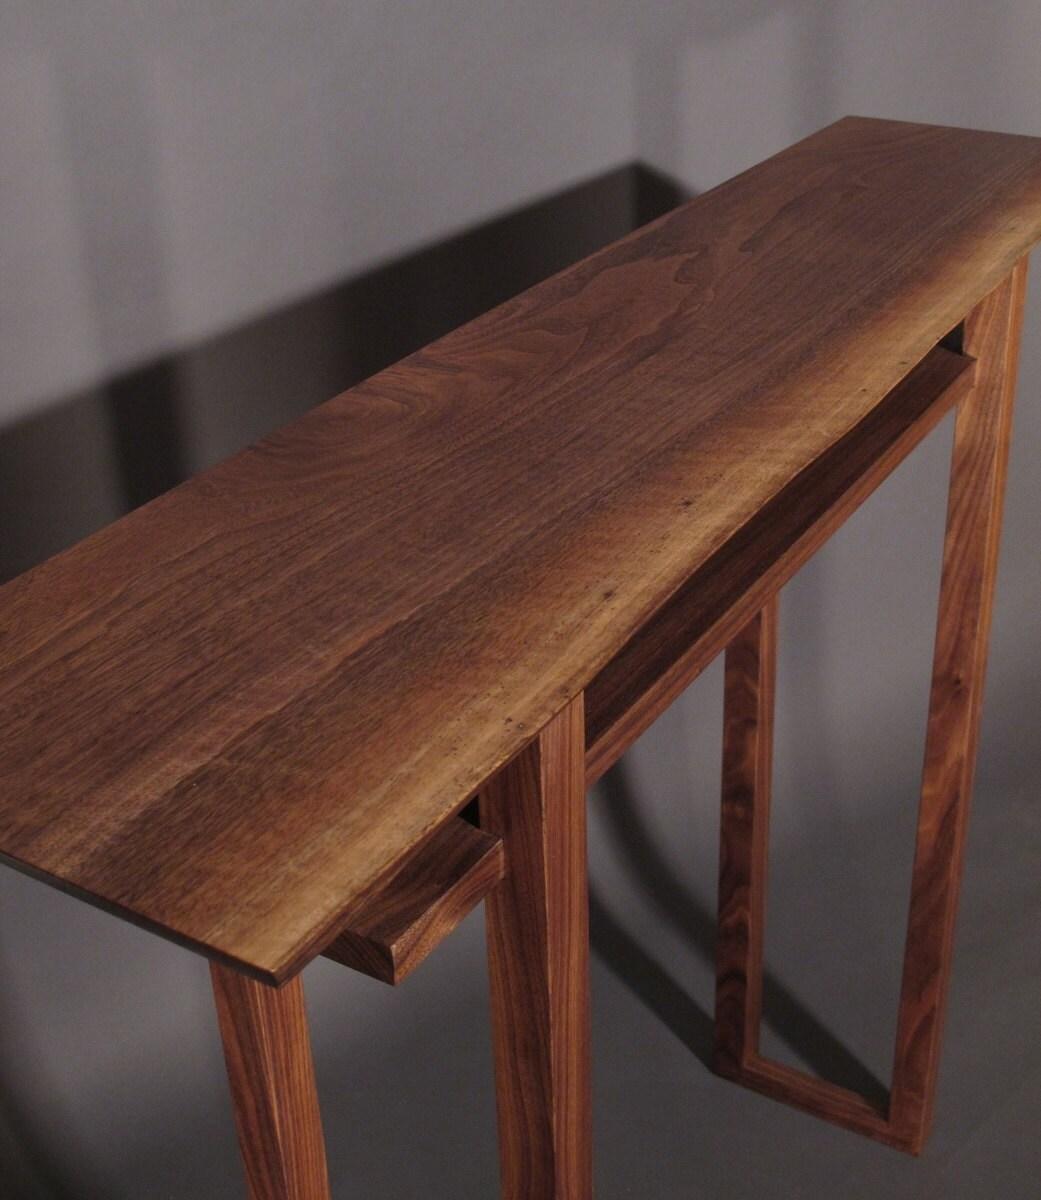 Narrow Hall Tables live edge hall table: handmade wood furniture for narrow hall